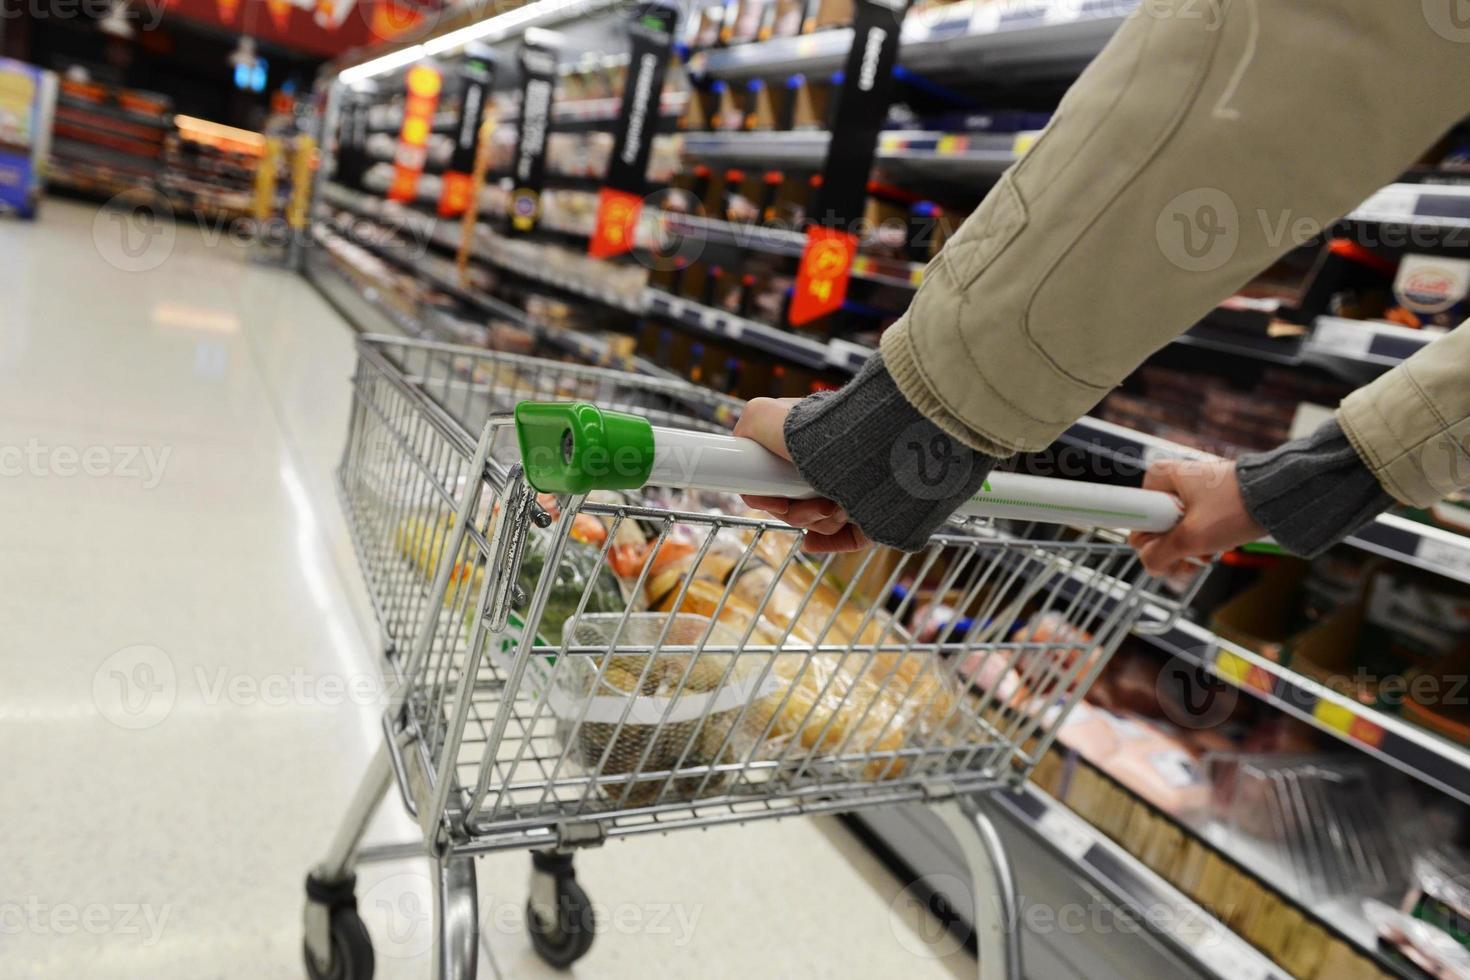 vista della navata laterale del supermercato foto